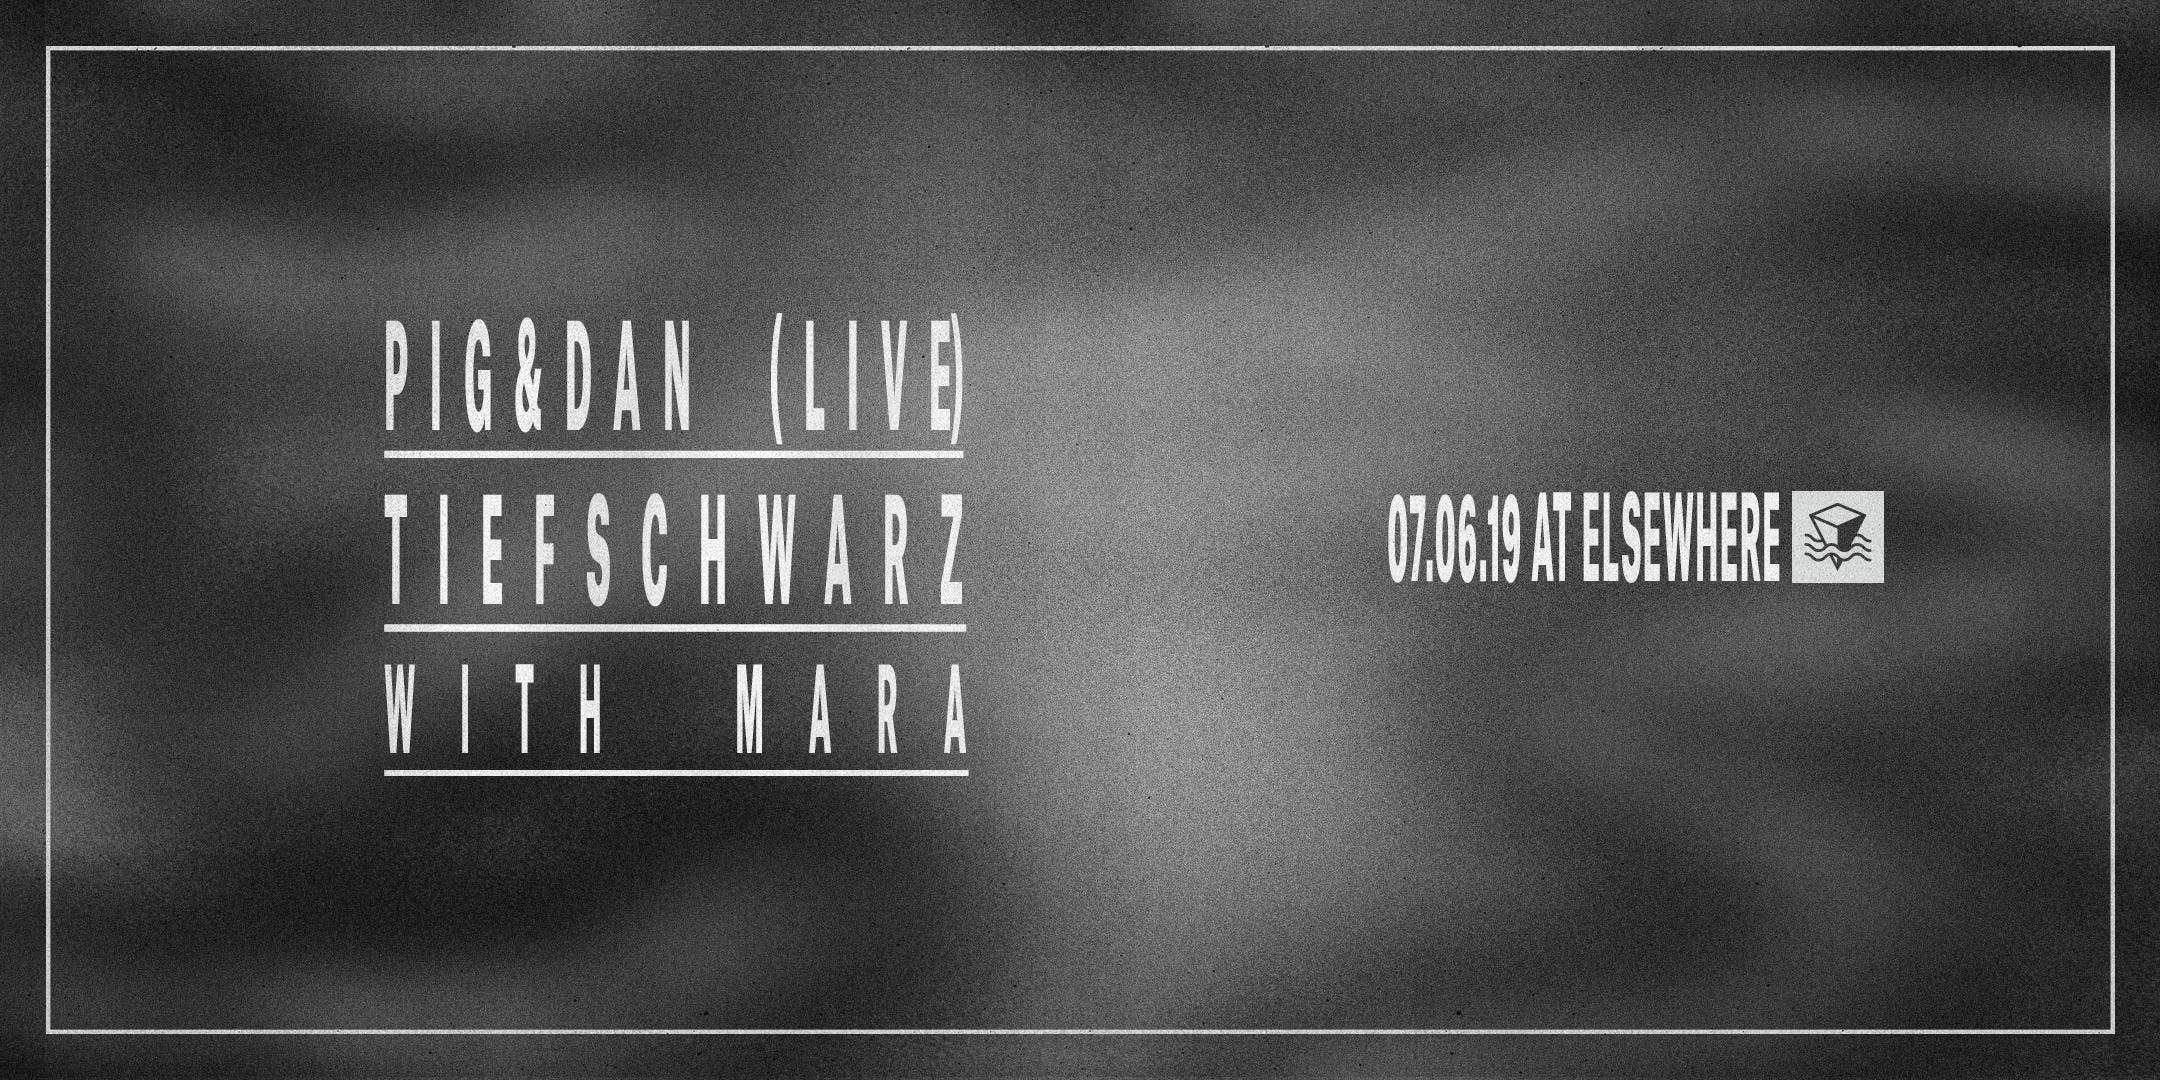 Pig&Dan (Live), Tiefschwarz & Maŕa